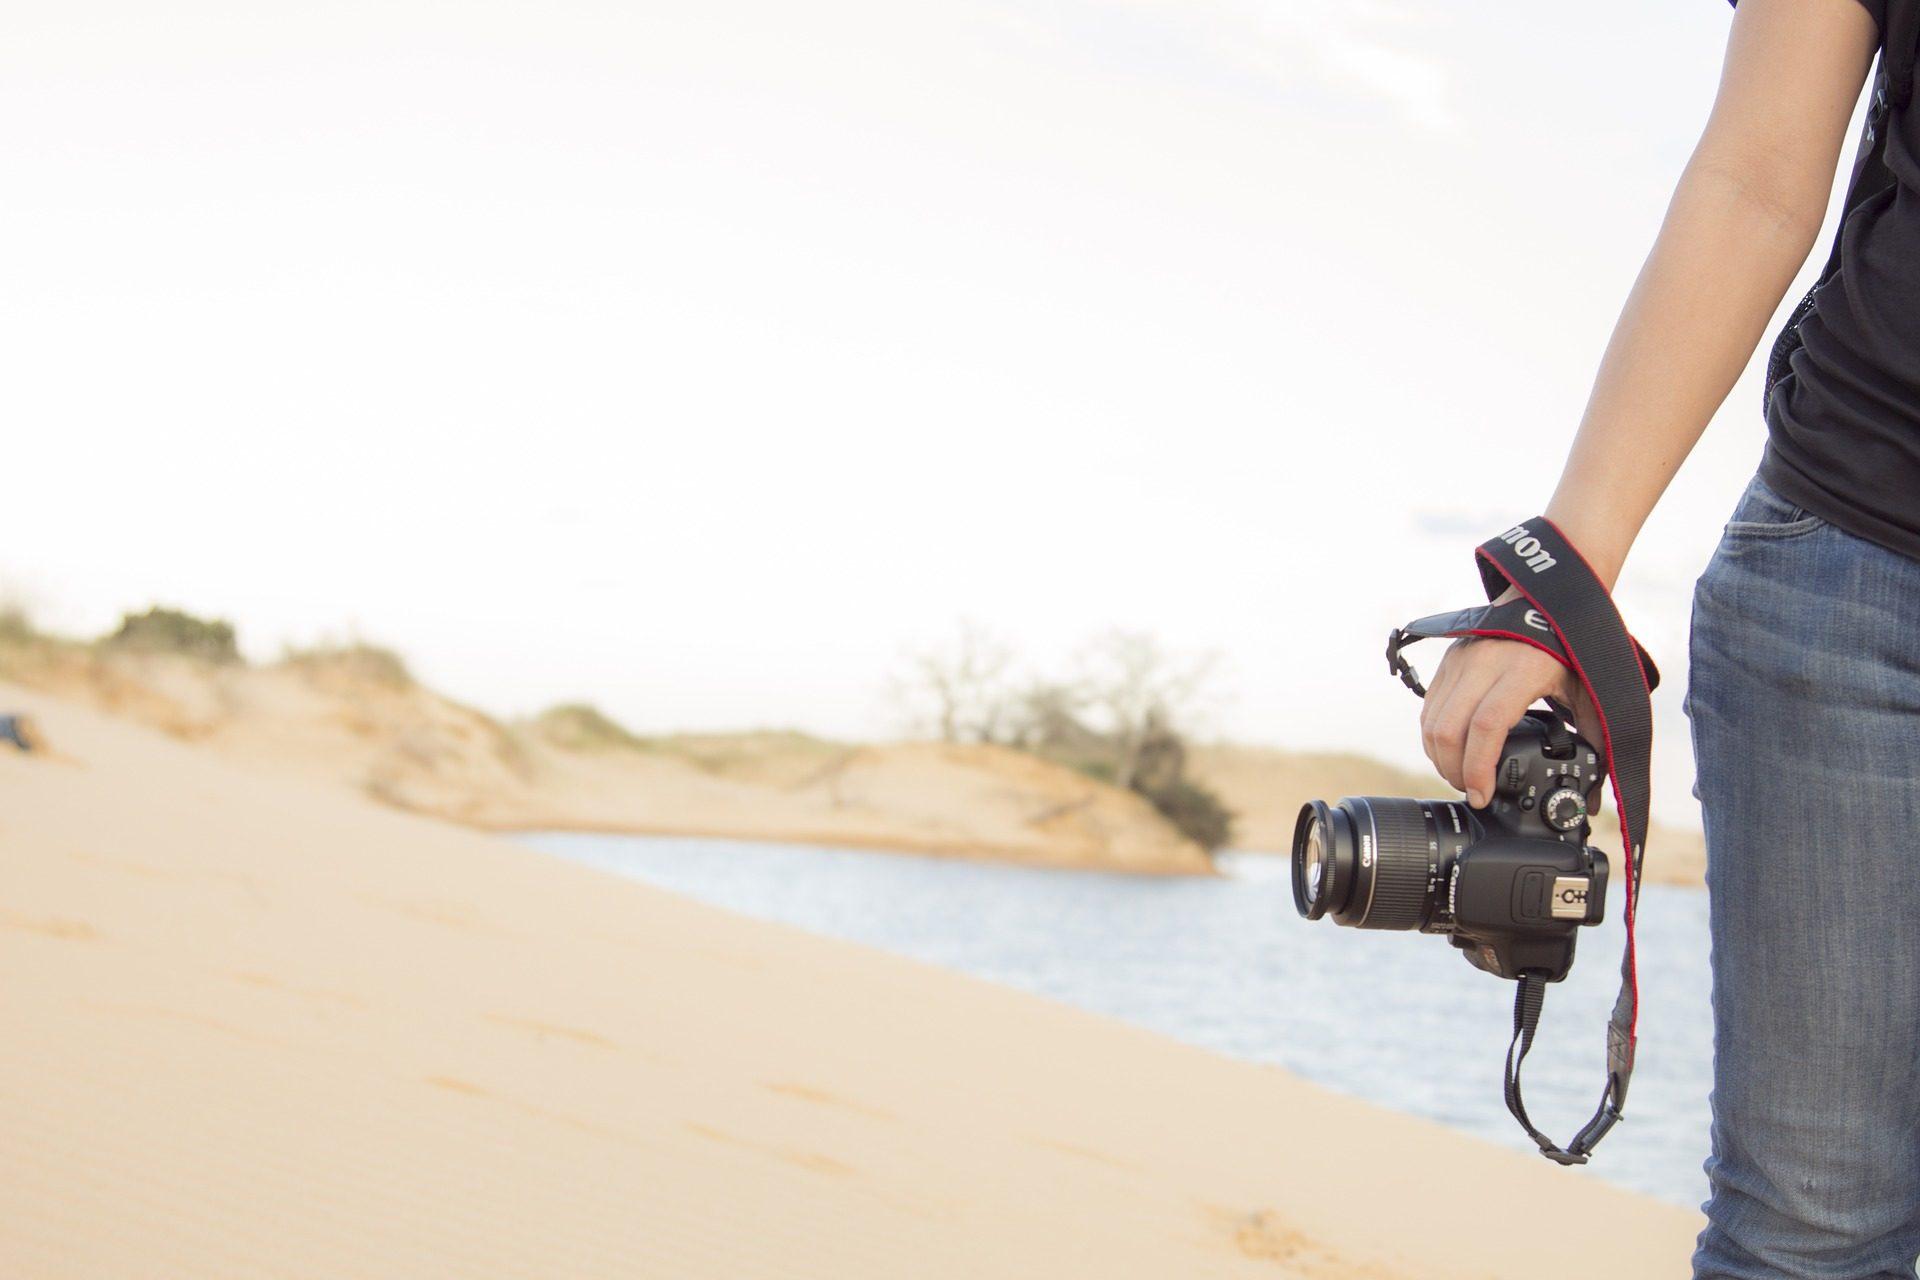 камеры, фотография, фотограф, женщина, Пляж, воды - Обои HD - Профессор falken.com